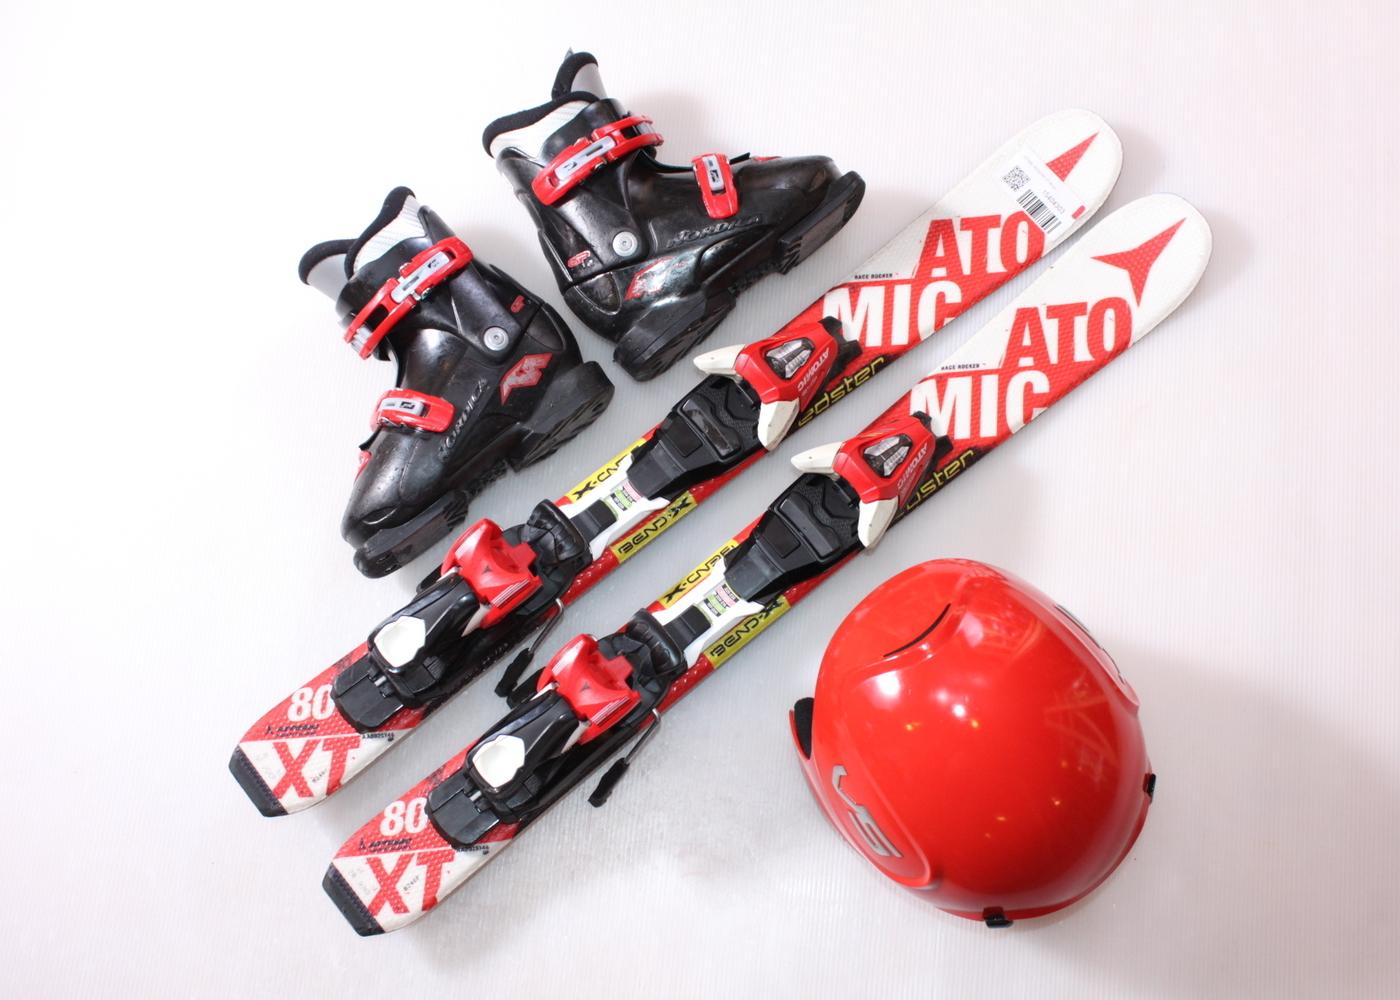 Dětské lyže ATOMIC REDSTER XT 80 cm + lyžáky  28.5EU + helma